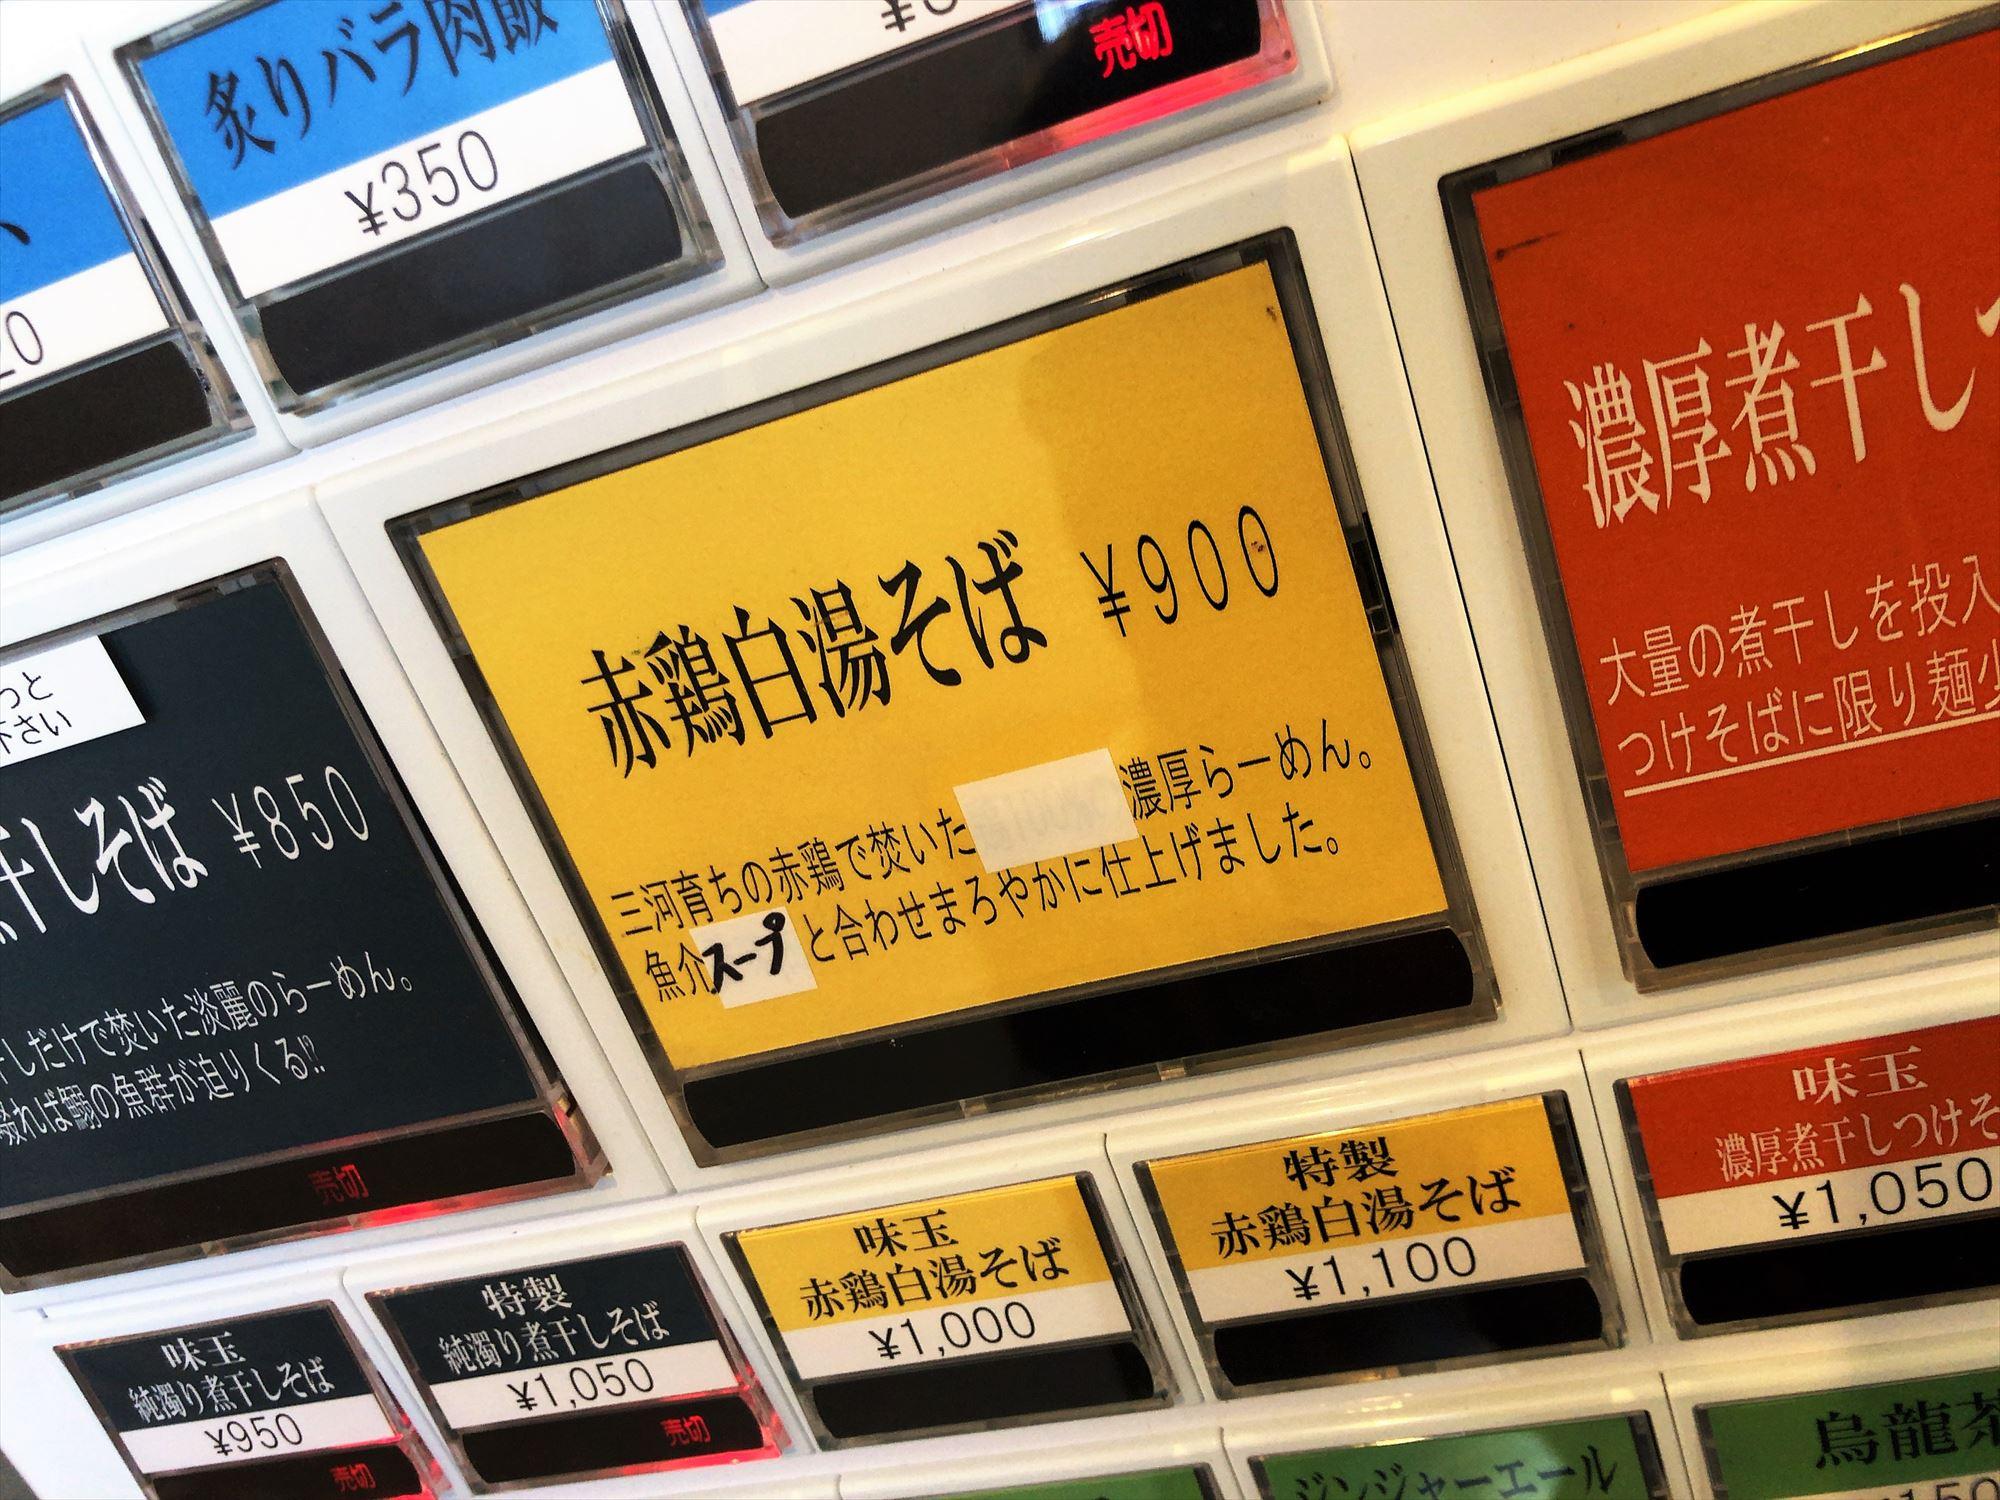 中華蕎麦 生るの券売機